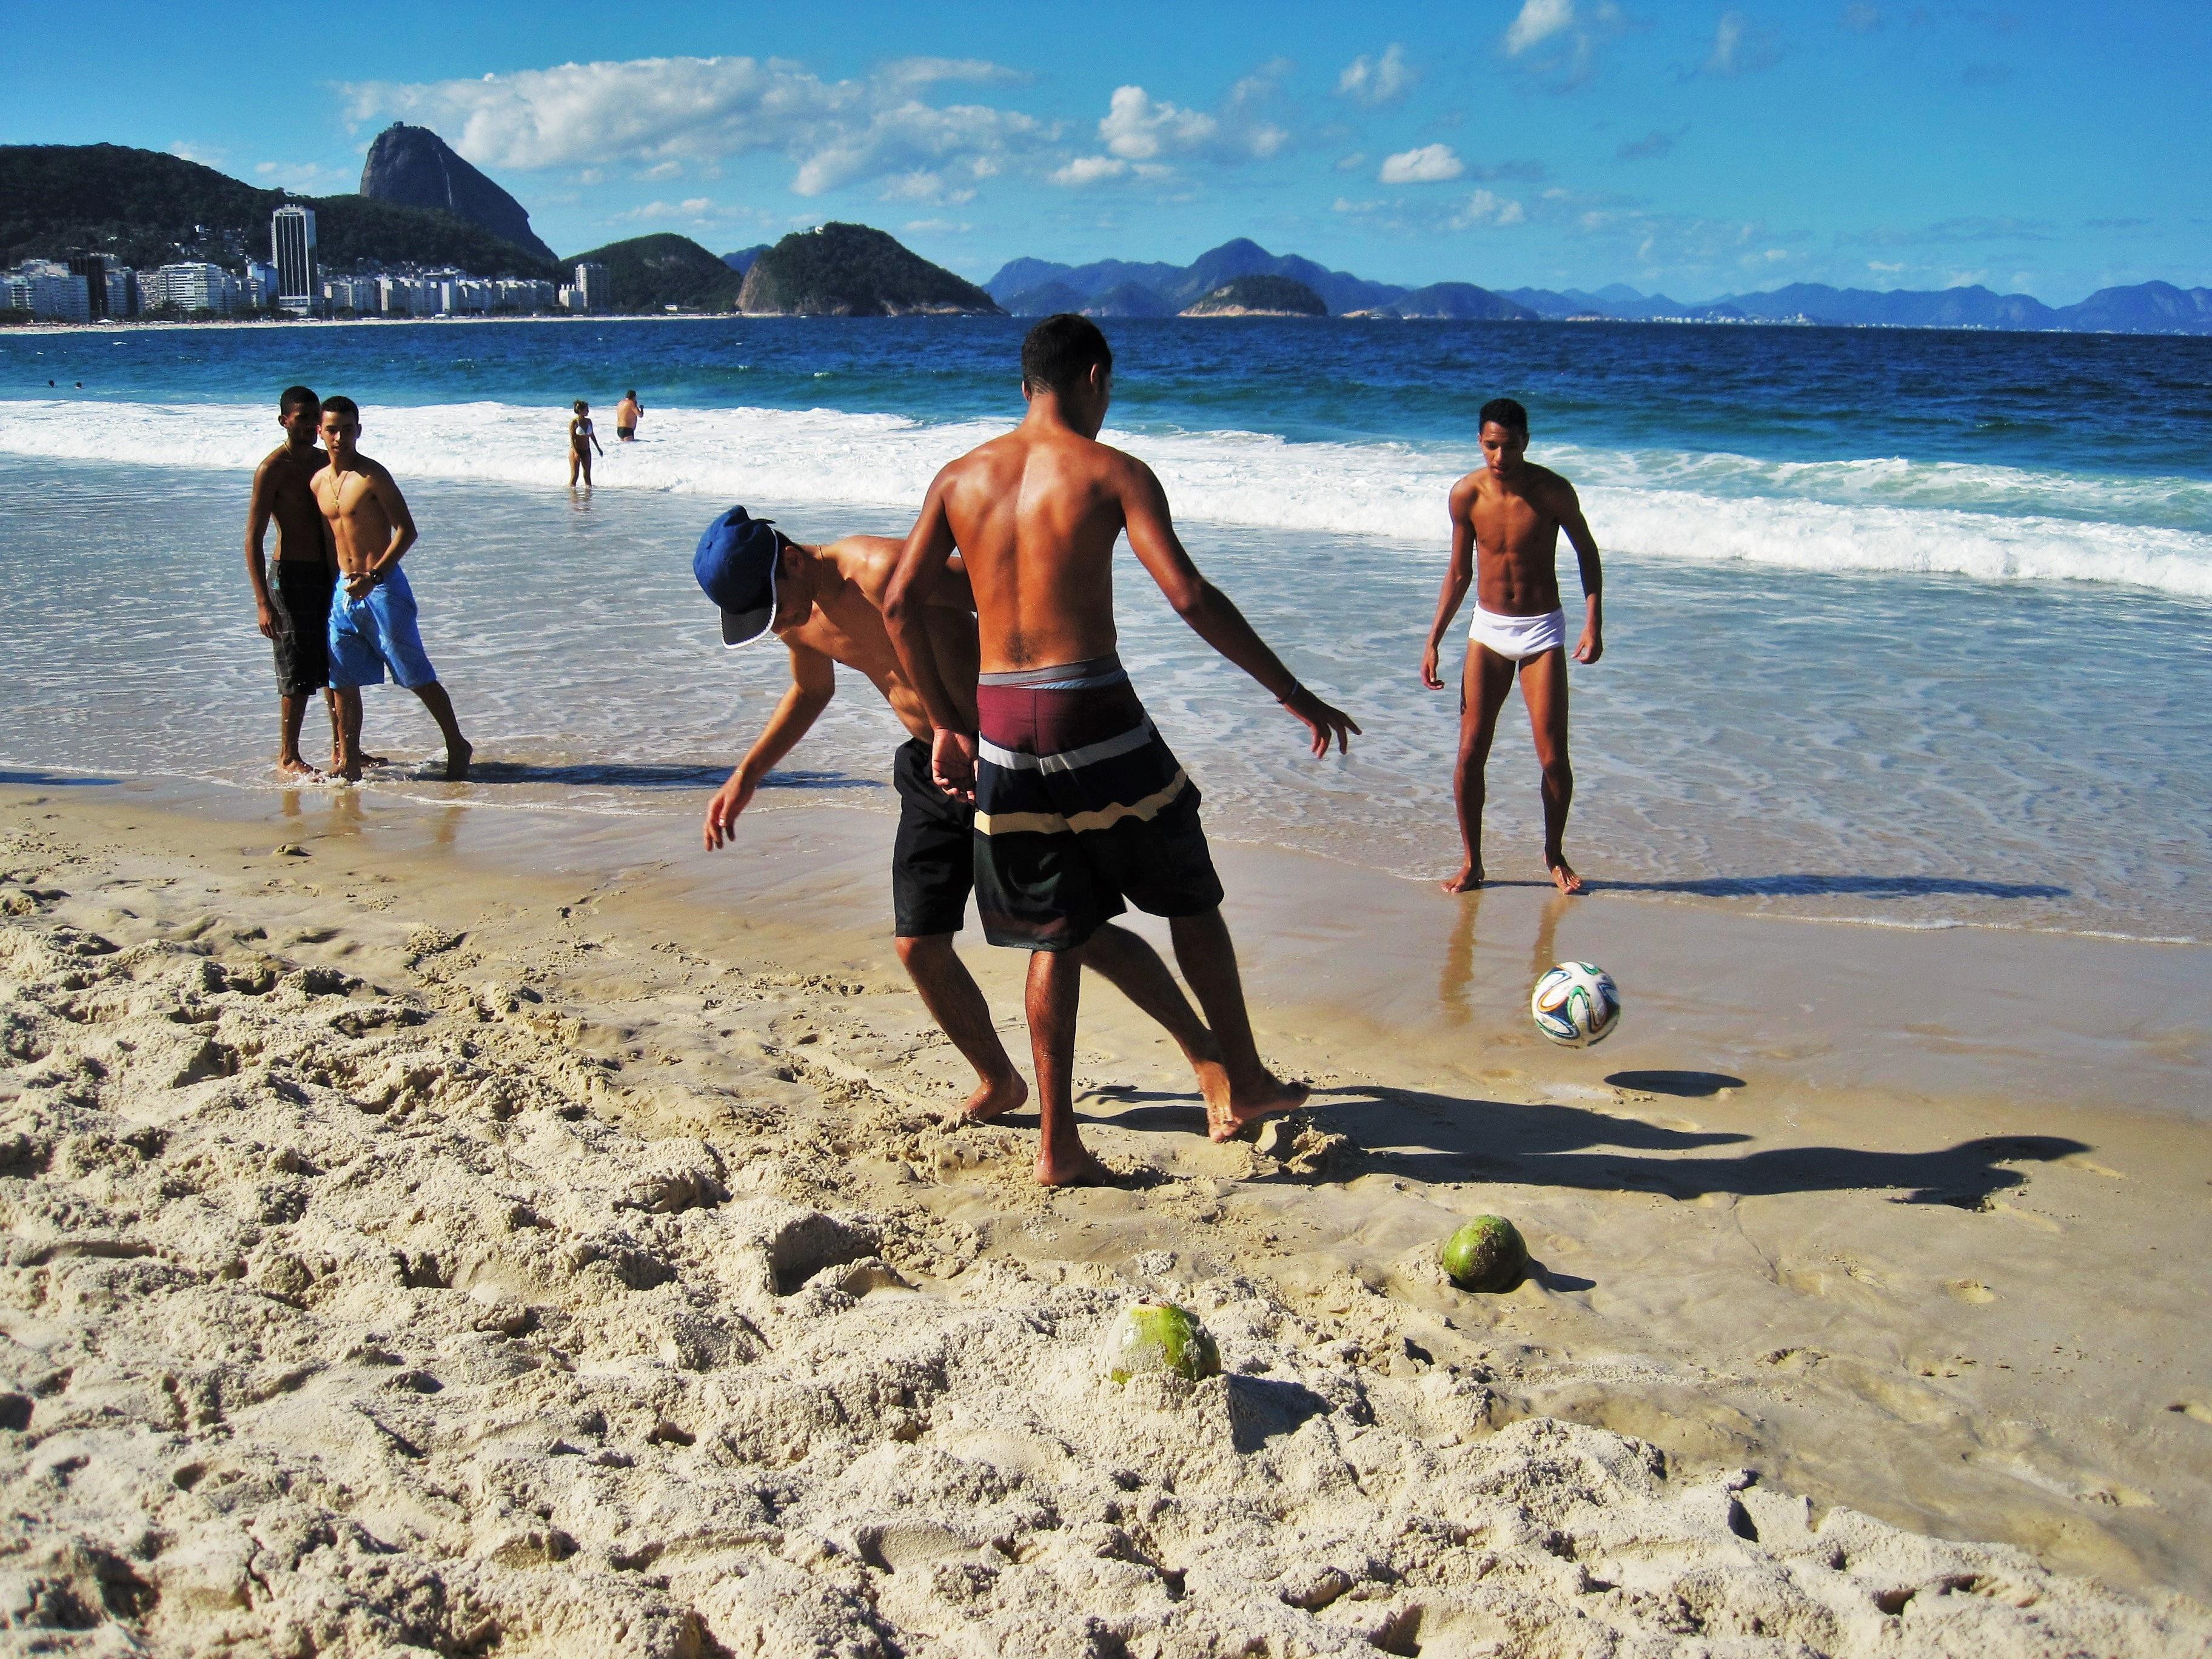 plage-mer-brazil